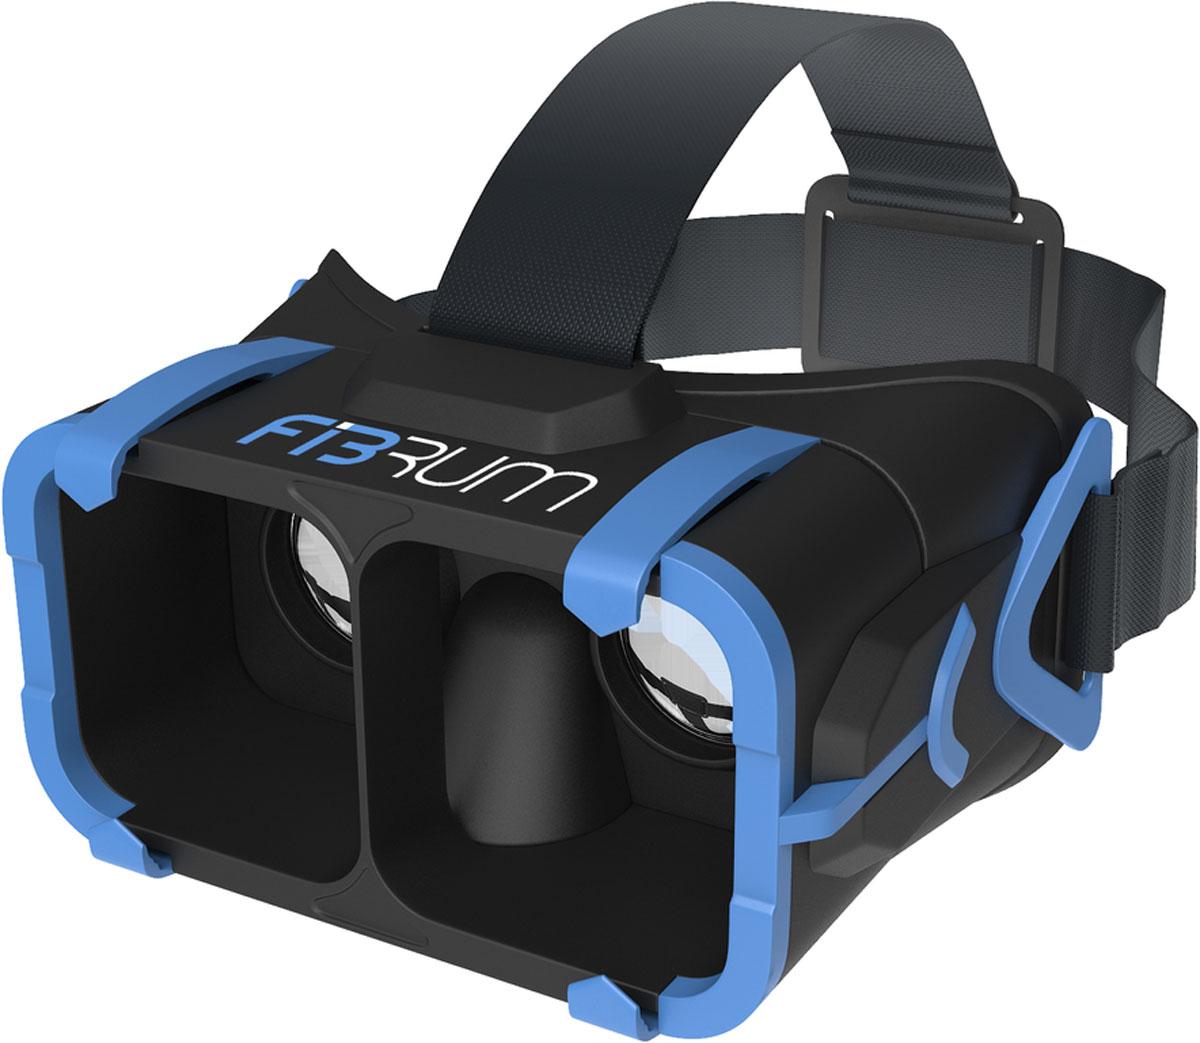 Fibrum Pro шлем виртуальной реальностиFIBRUM_PROFibrum Pro - шлем виртуальной реальности, позволяющий вам с максимальным комфортом погрузиться в другие миры и испытать новые эмоции. Fibrum - первая и единственная компания в мире, предлагающая комплексное решение в сфере VR: вместе со шлемом пользователи получают все доступные приложения и новинки Fibrum абсолютно бесплатно в течение года. Добро пожаловать в будущее! Год бесплатных развлечений: Каждый покупатель шлема получает бесплатный годовой доступ ко всем приложениям Fibrum. По истечении одного года вы получаете бессрочную скидку в 20% на все последующие покупки. Универсальный: Шлем совместим с большинством смартфонов с диагональю от 4 до 6 дюймов на любой из популярных операционных систем (iOS, Android, Windows Phone). ультралегкий: Современные материалы: высококачественный пластик и гиппоалергенный силикон, позволили сделать VR- шлем Fibrum самым легким среди аналогов. Высококачественные стеклянные...